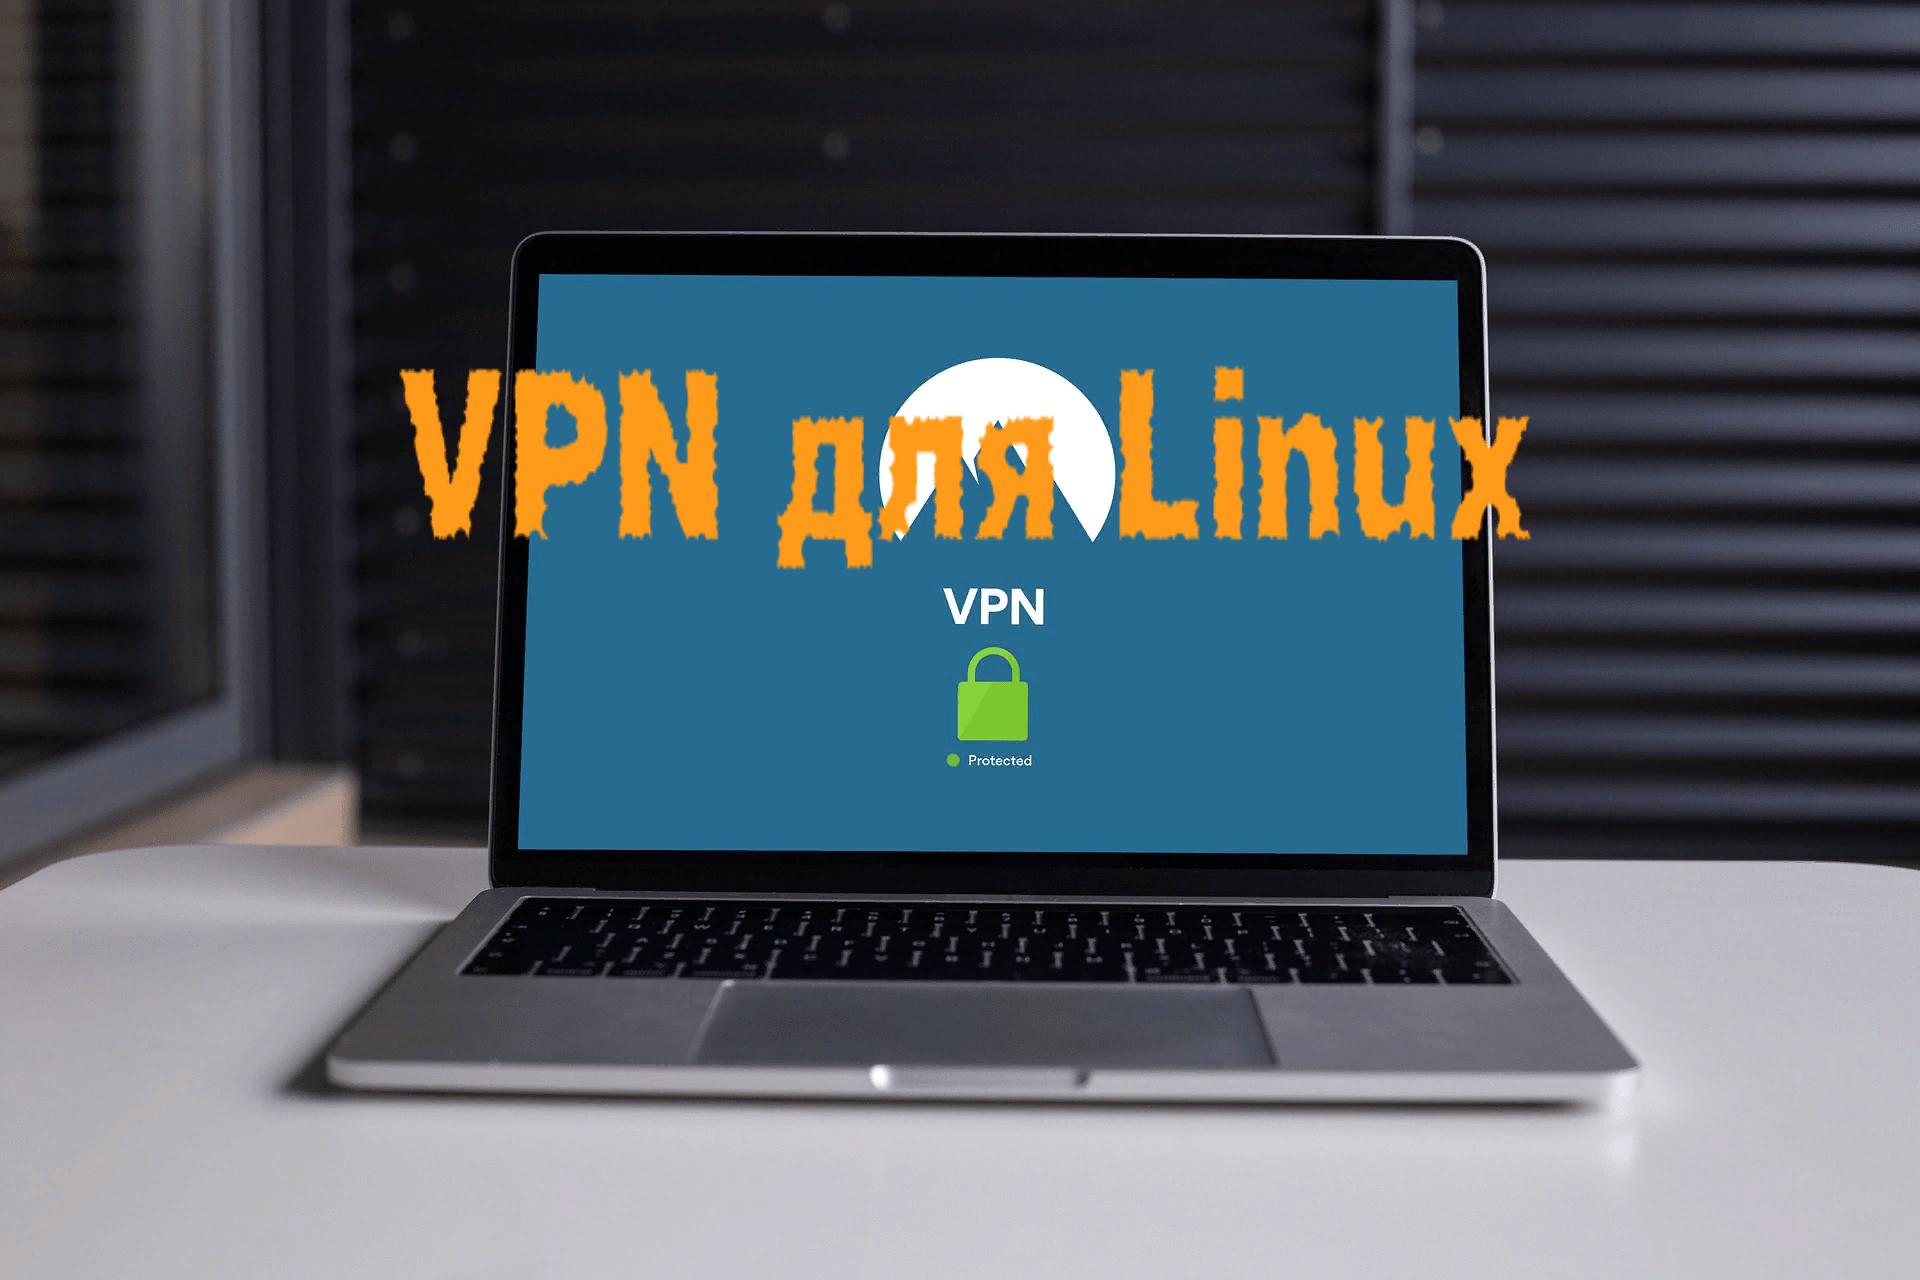 Лучшие и худшие VPN-провайдеры для Linux на начало 2020 года